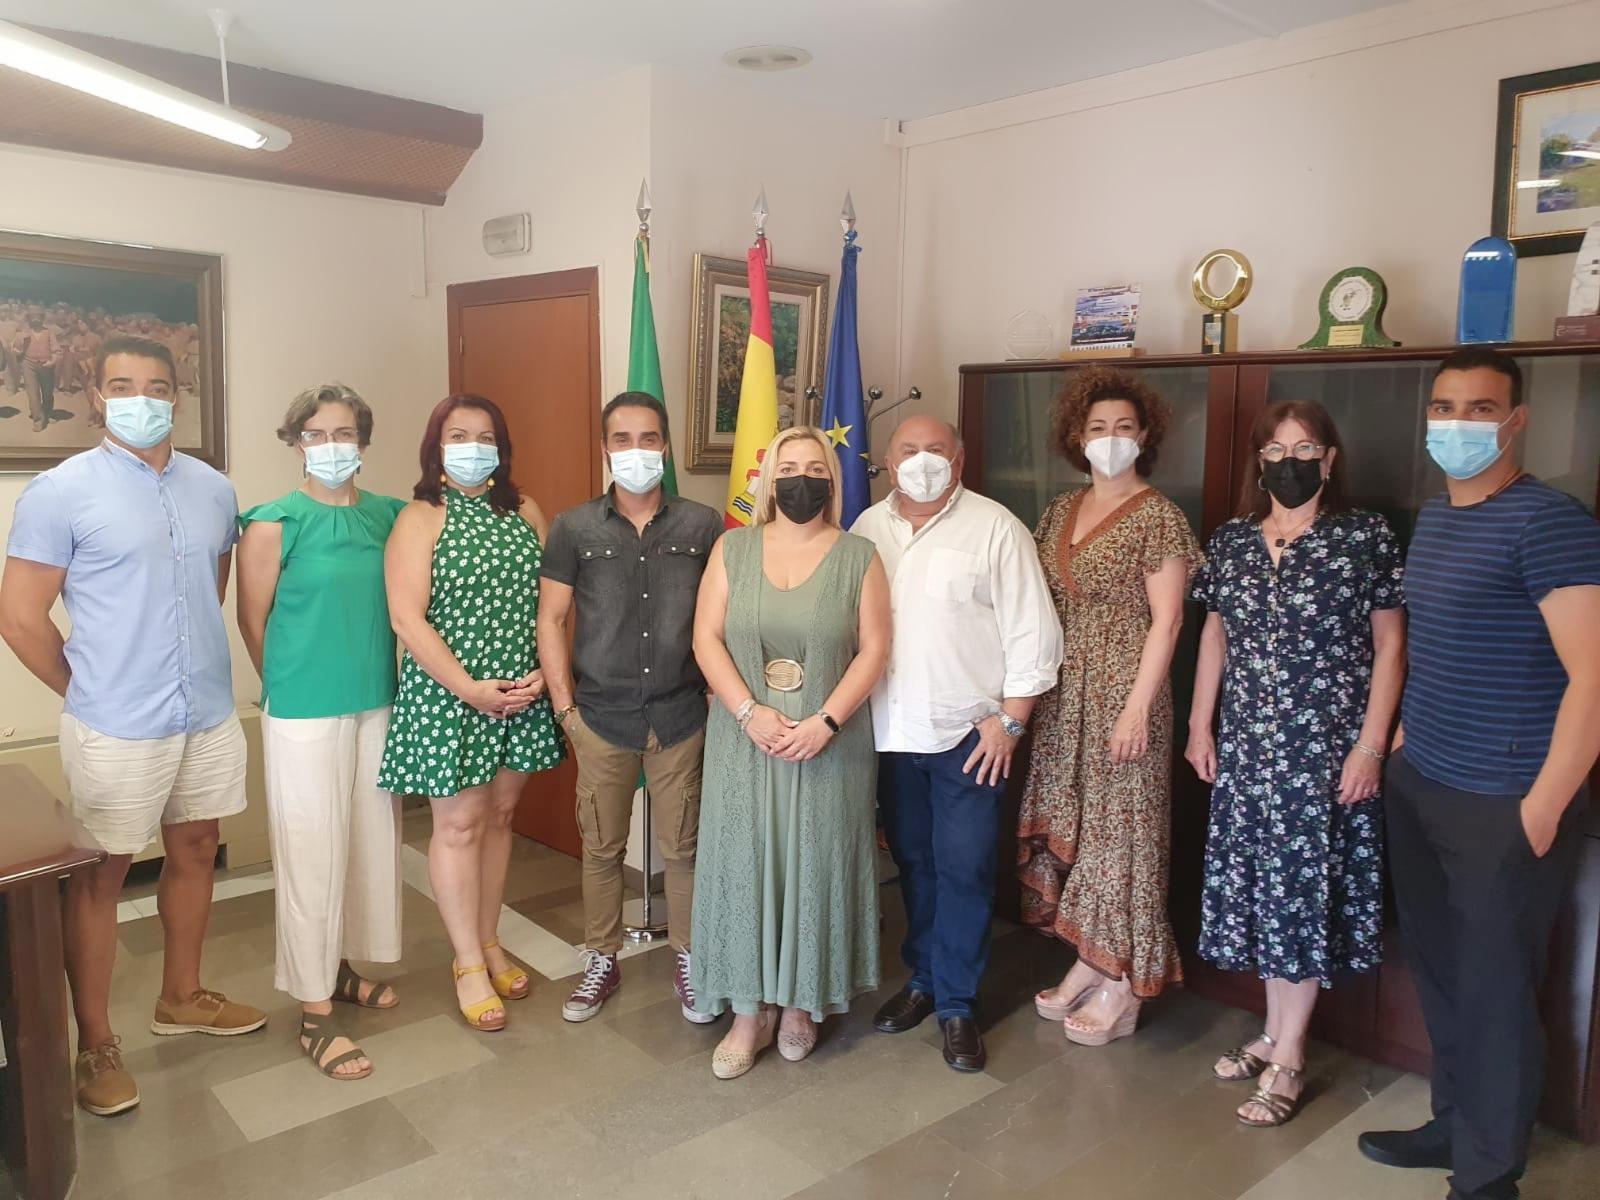 El Ayuntamiento de La Zubia tendrá dos nuevas concejalías, dirigidas al cuidado de las personas y a la Universidad